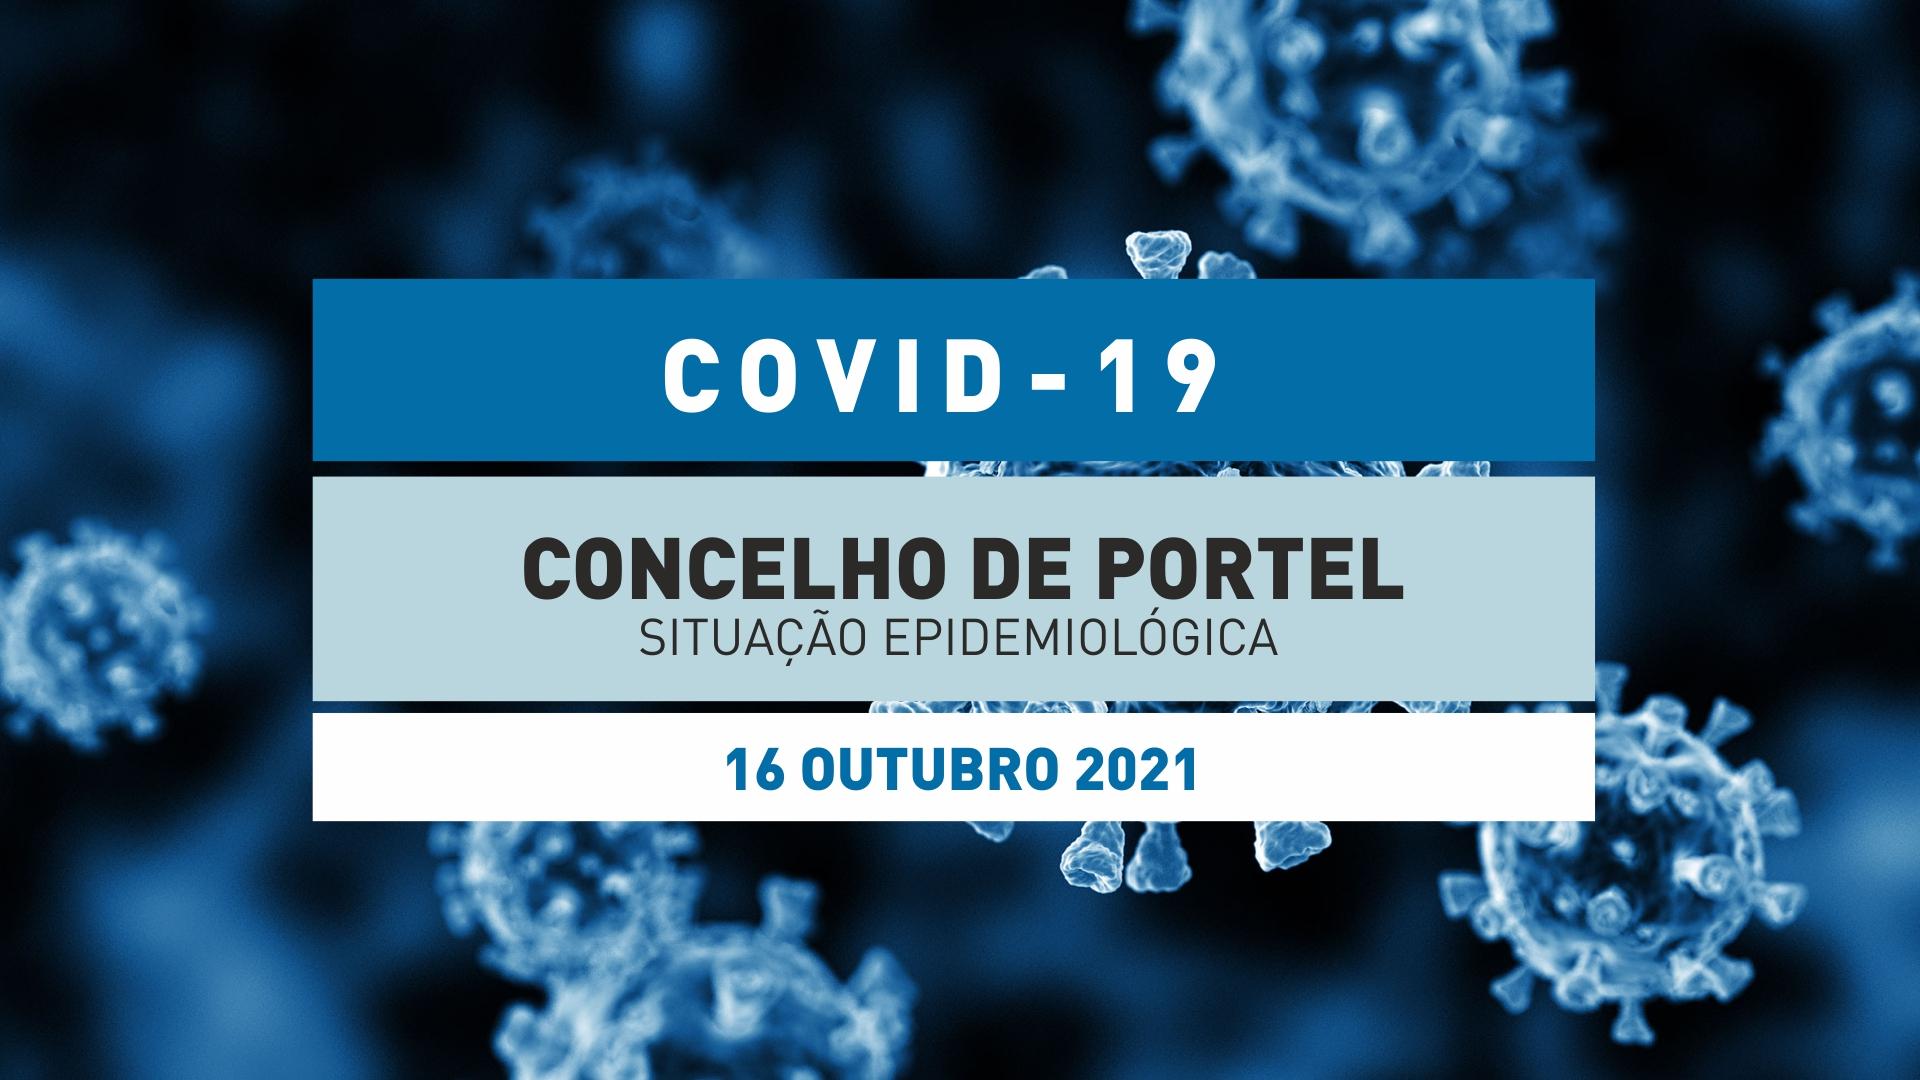 Situação Epidemiológica no Concelho de Portel – 16 Outubro 2021